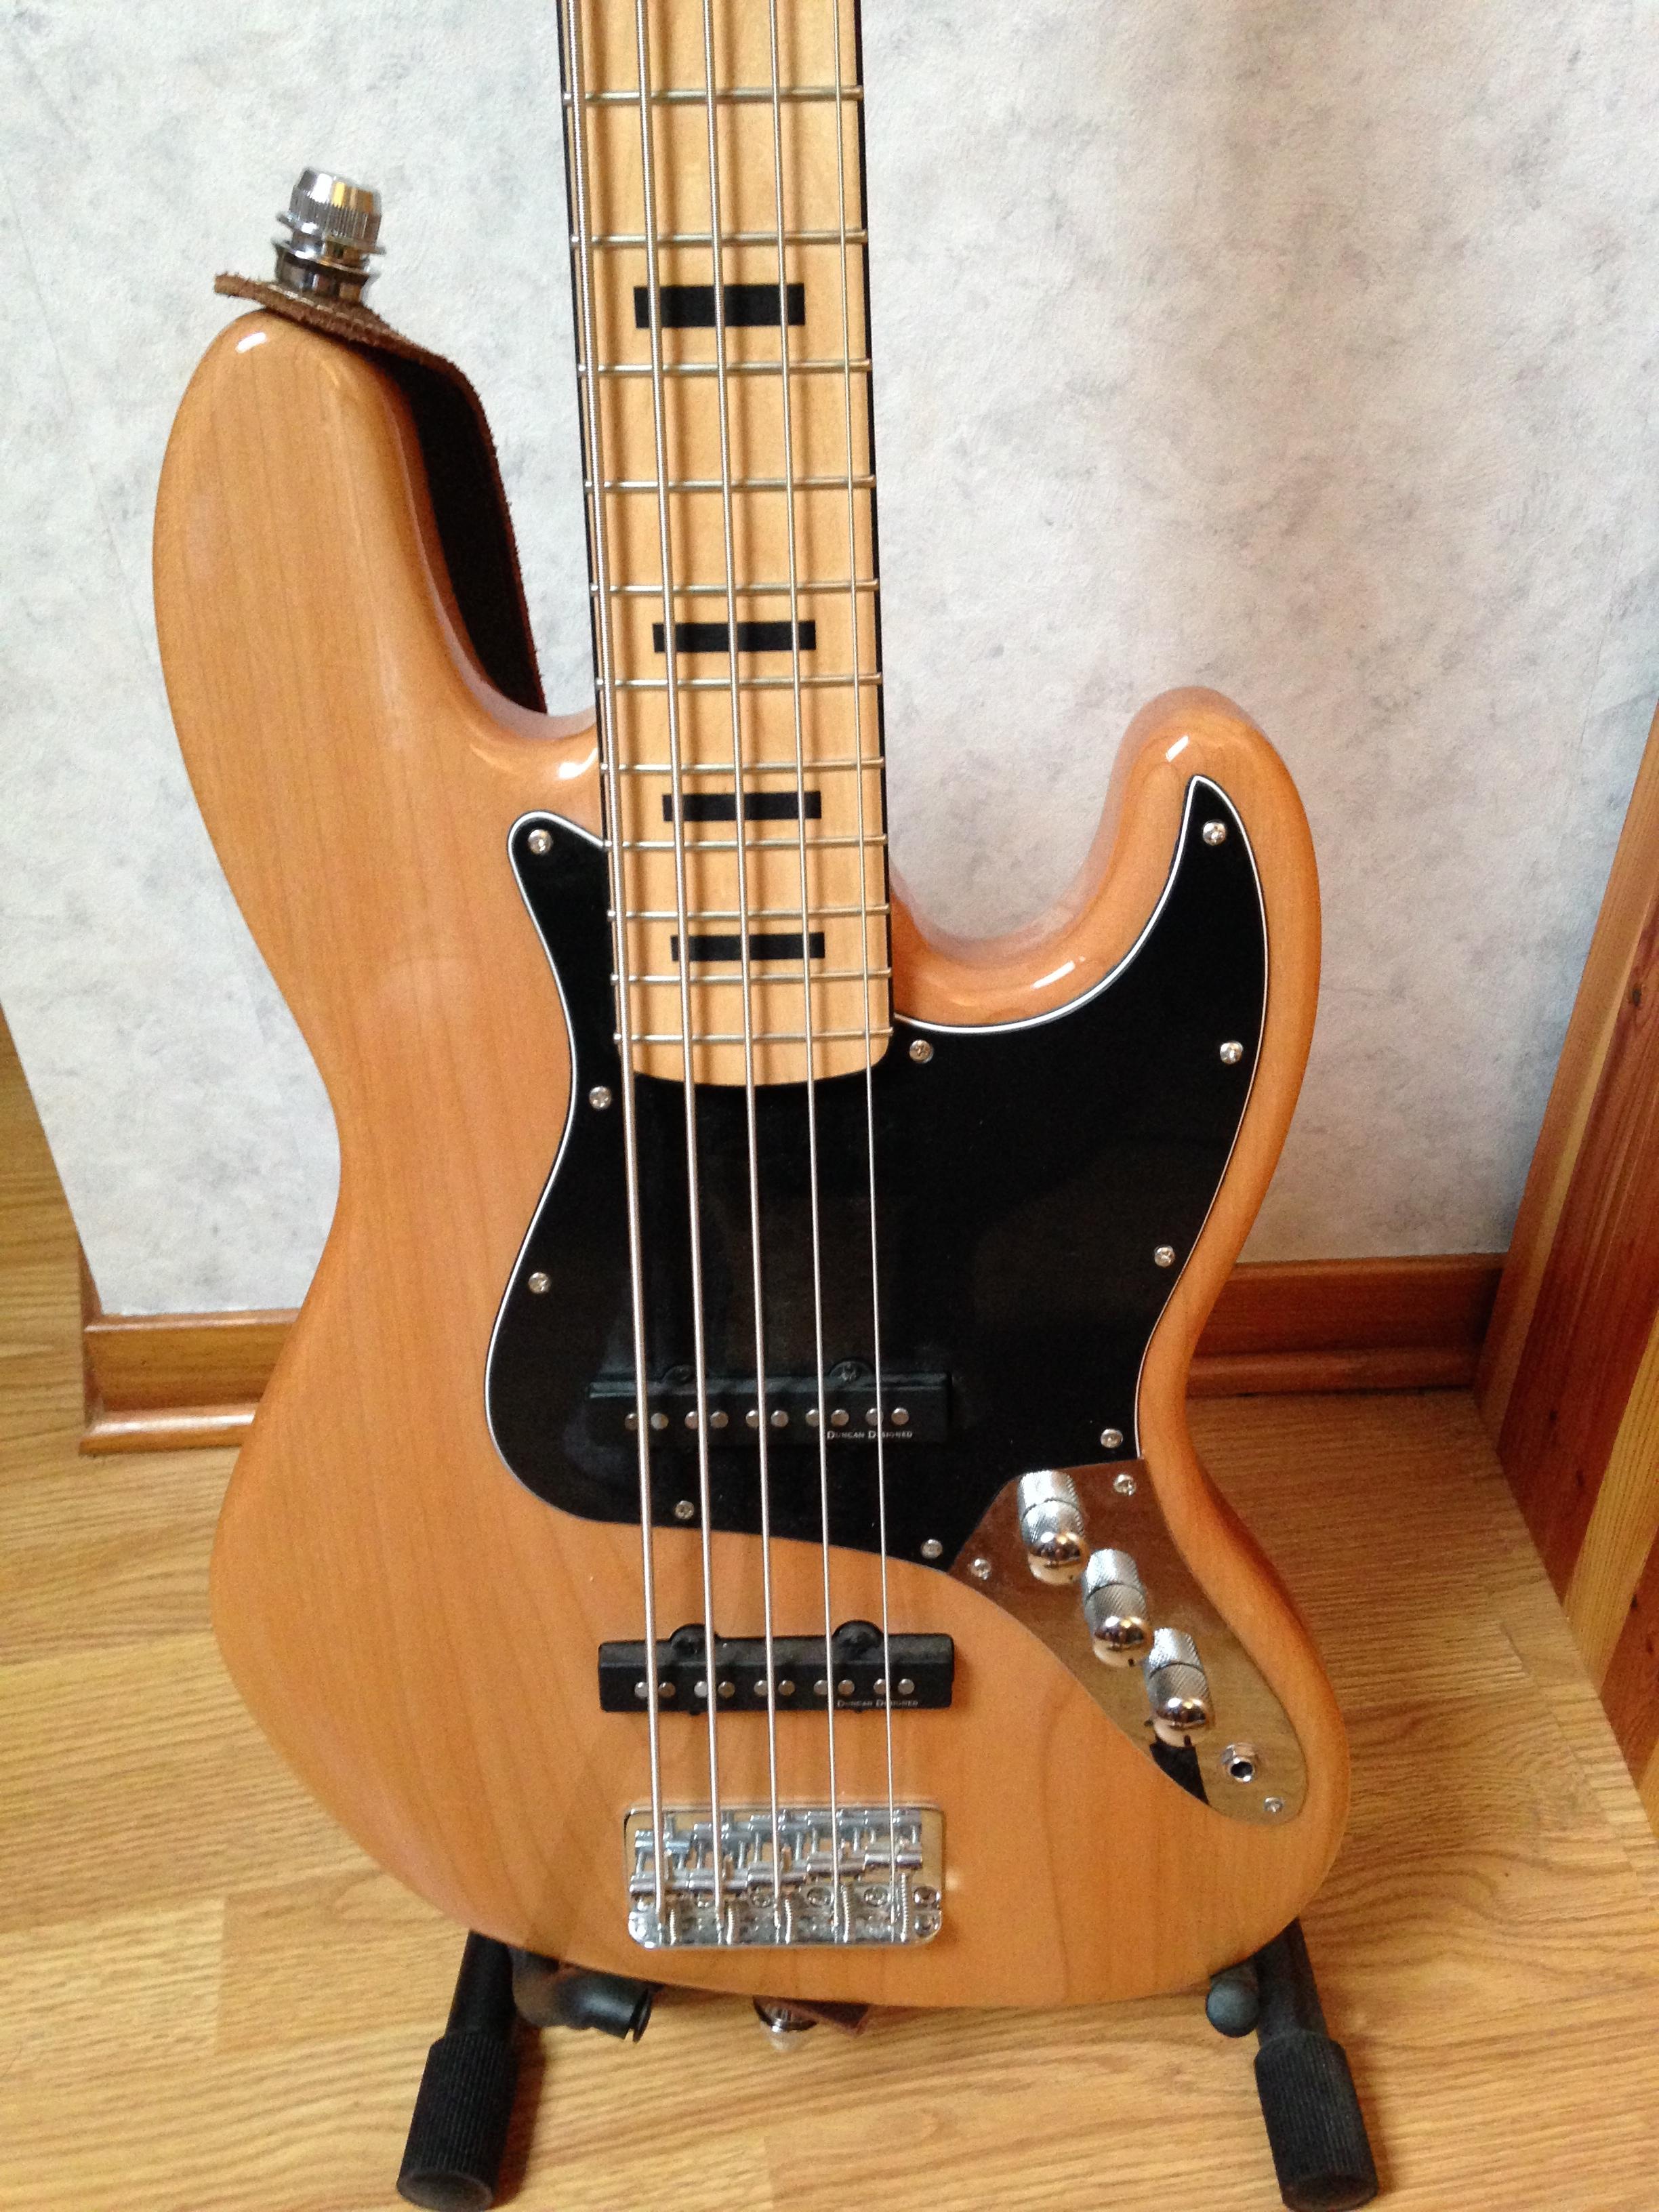 Squier Jazz Bass Vintage Modified : squier vintage modified jazz bass v image 883115 audiofanzine ~ Hamham.info Haus und Dekorationen